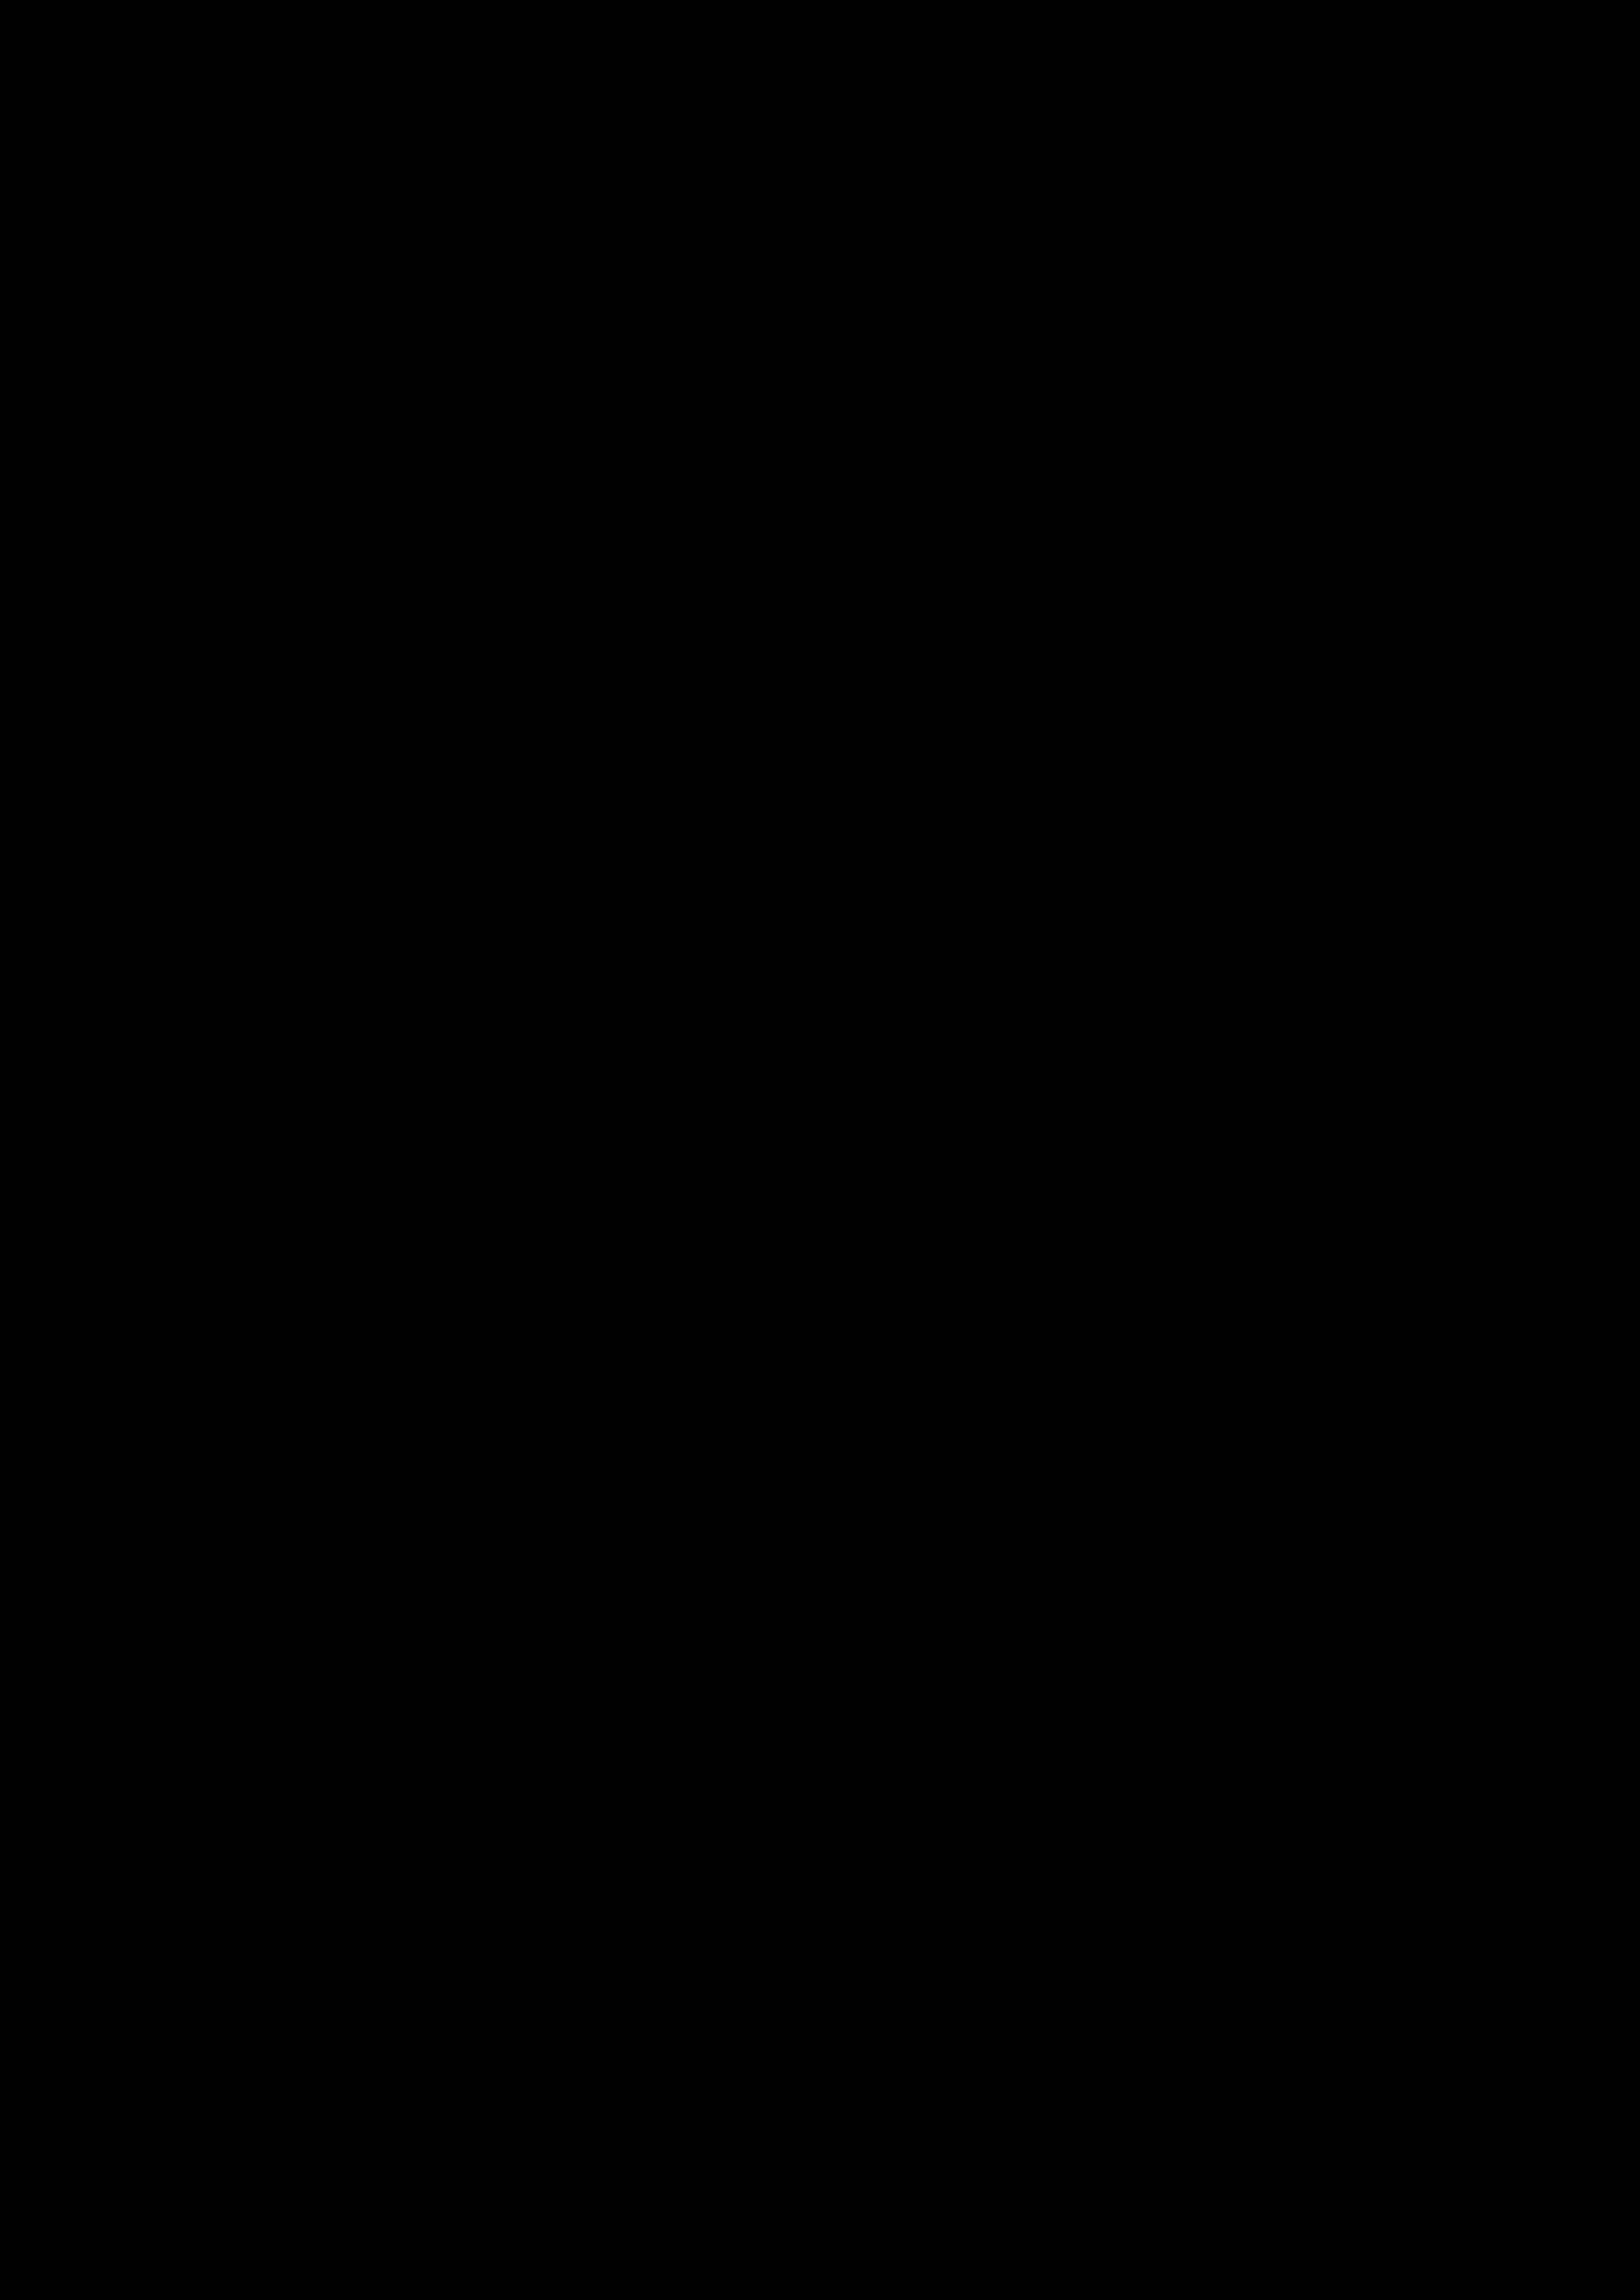 REPRÉSENTATION THÉÂTRALE A LA MAISON D'AUGUSTE COMTE: LE JOURNAL D'UNE FEMME DE CHAMBRE (O. MIRBEAU)-  MARDI 3 JUILLET 2018 – 19H30